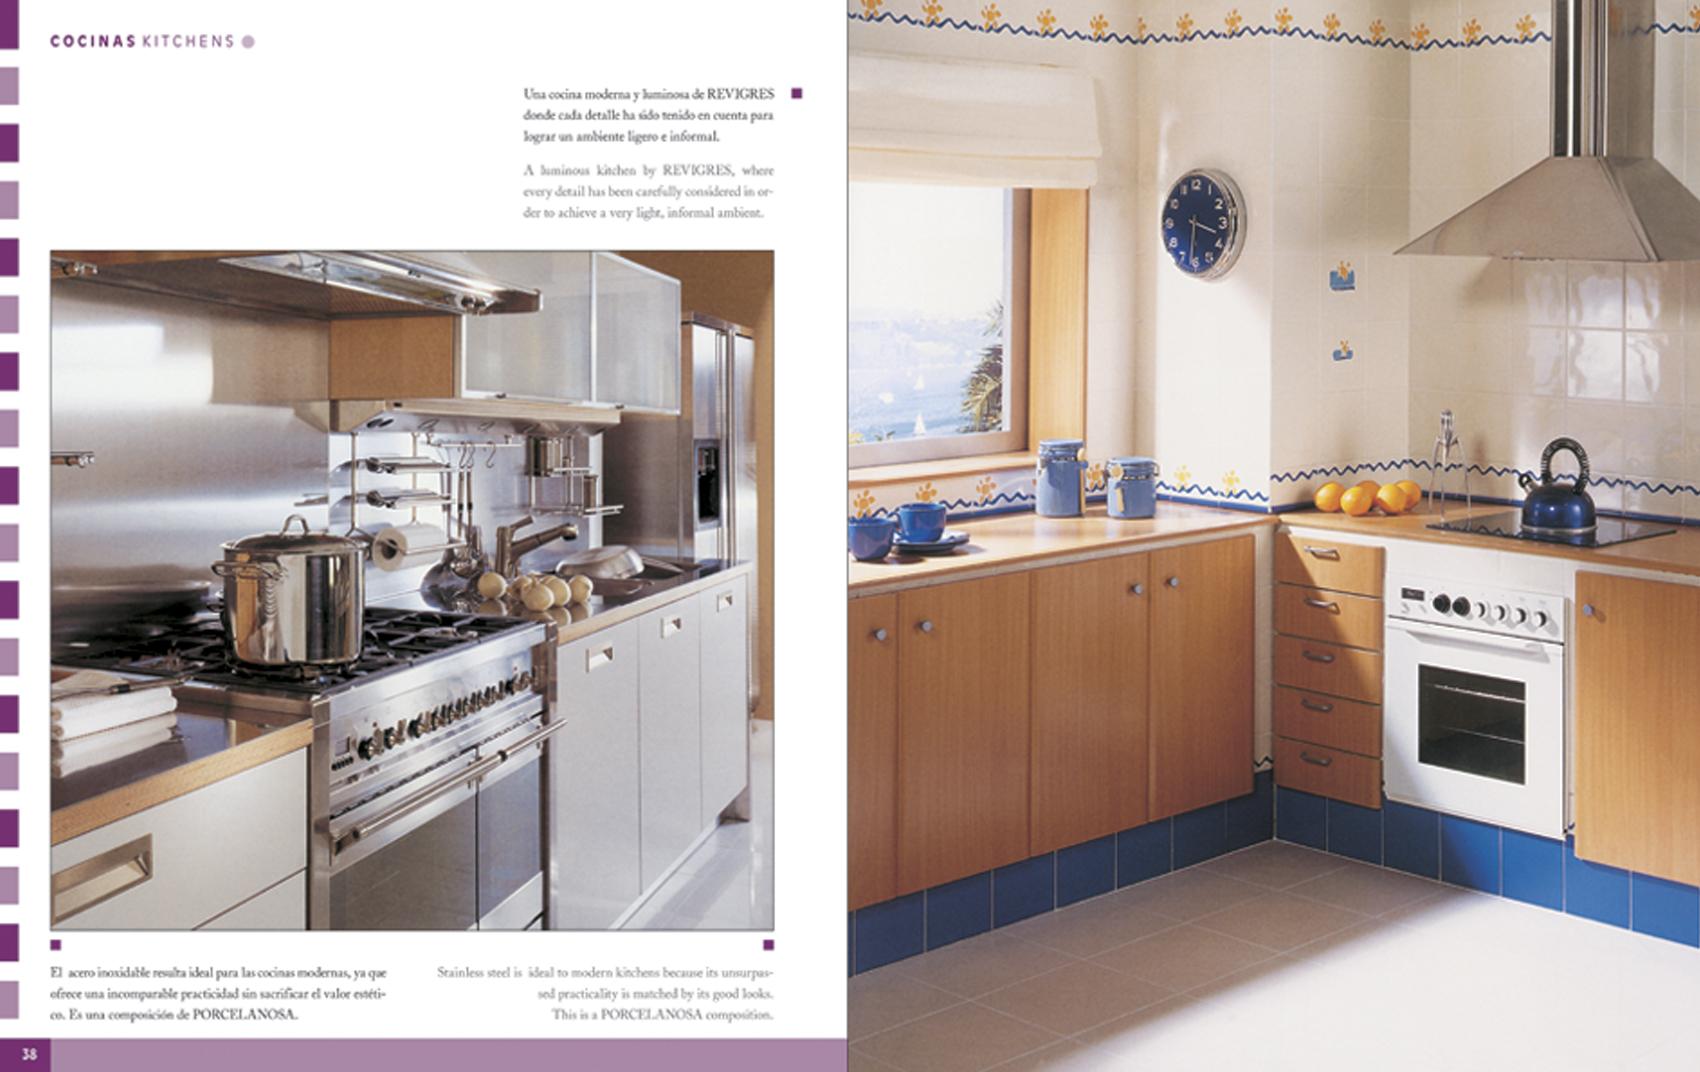 cocinas y banios_2.jpg